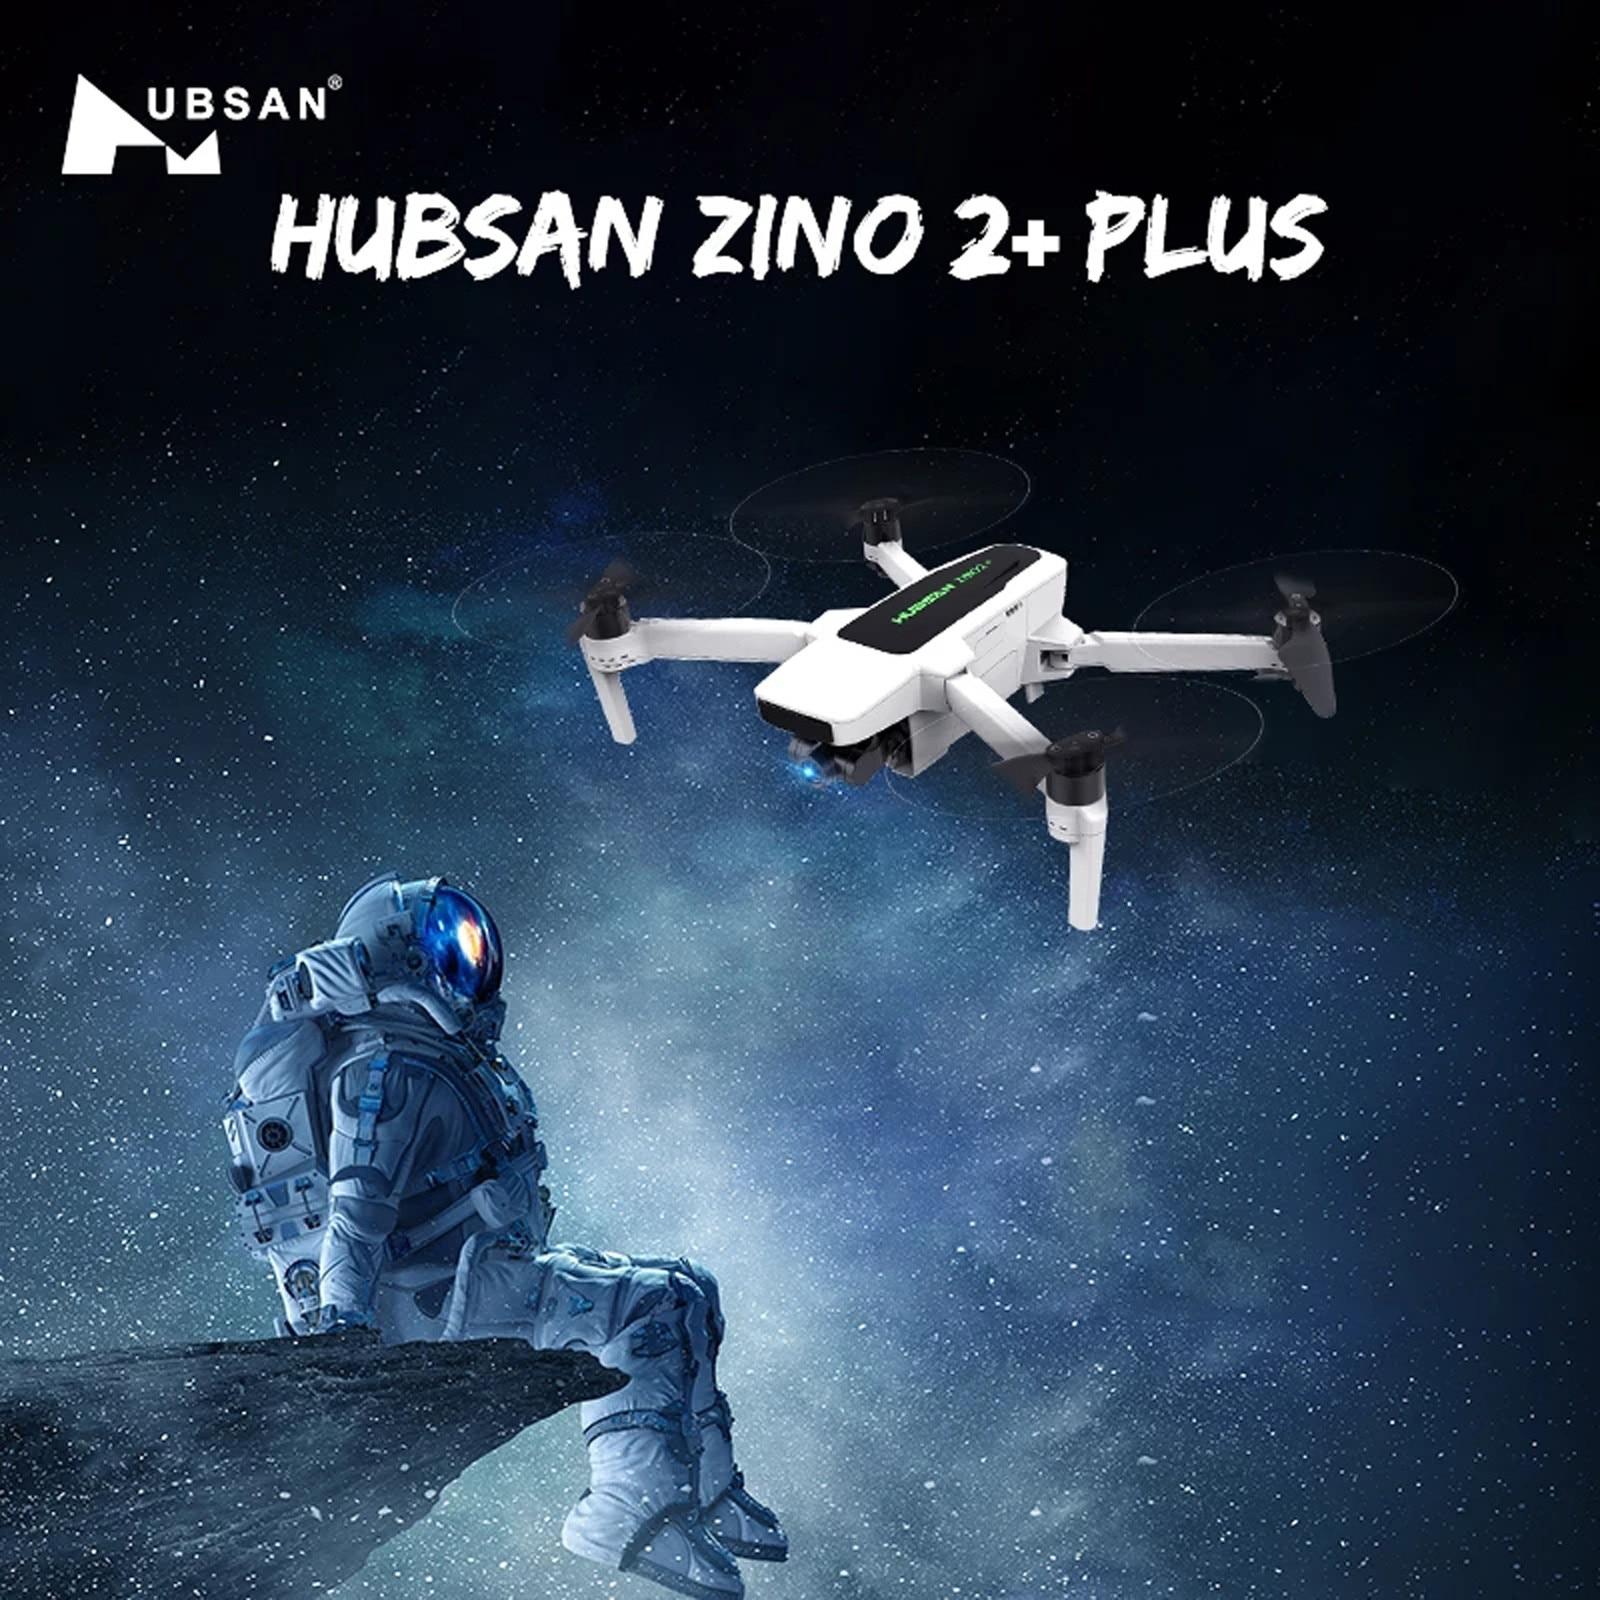 Hubsan Zino 2 + Plus طائرة بدون طيار نظام تحديد المواقع 9 كجم Hd 4k كاميرا 3 محاور Gimbal كوادكوبتر مع أكياس هوائية بدون طيار 3800mAh 17.2 فولت بطارية ليبو # Y10